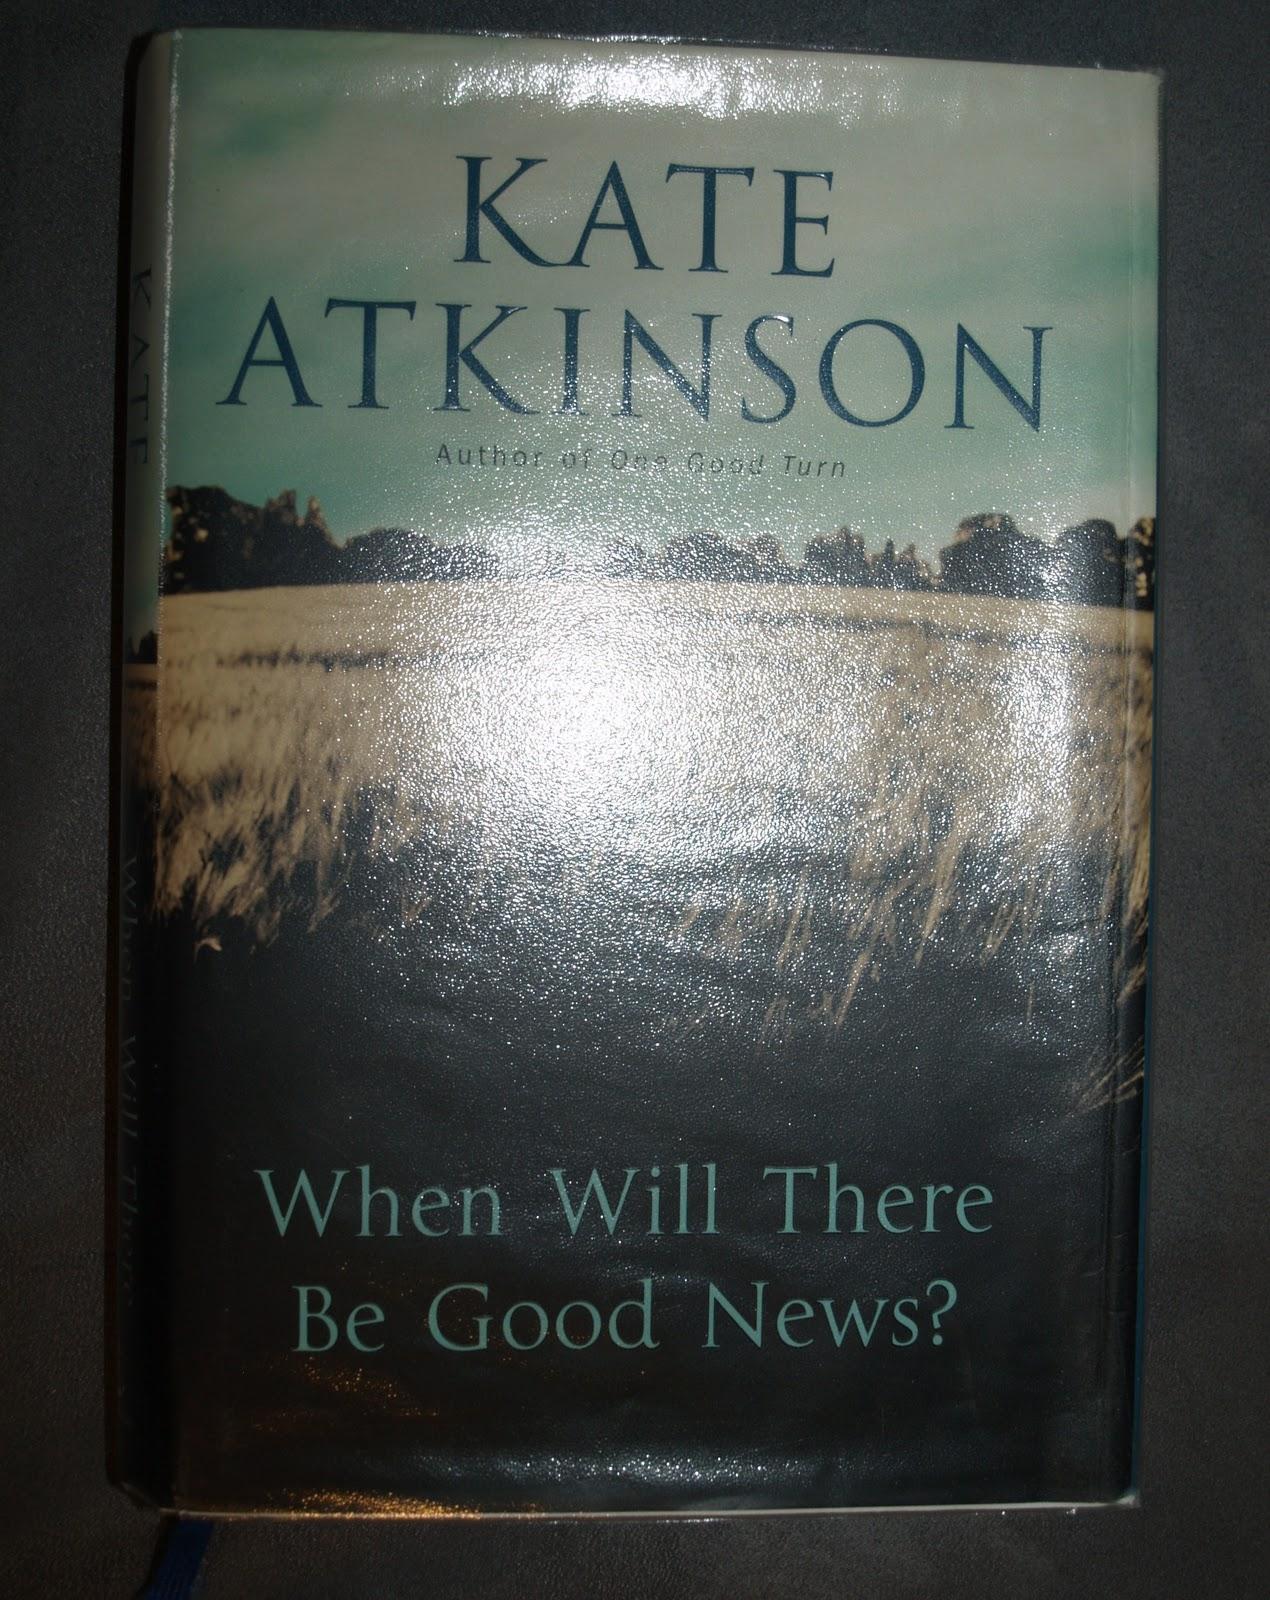 http://1.bp.blogspot.com/_pLdjmN81Y54/TJNZHHrFoOI/AAAAAAAACxI/3E0bkOOsOiE/s1600/When+will+there+be+good+news.JPG